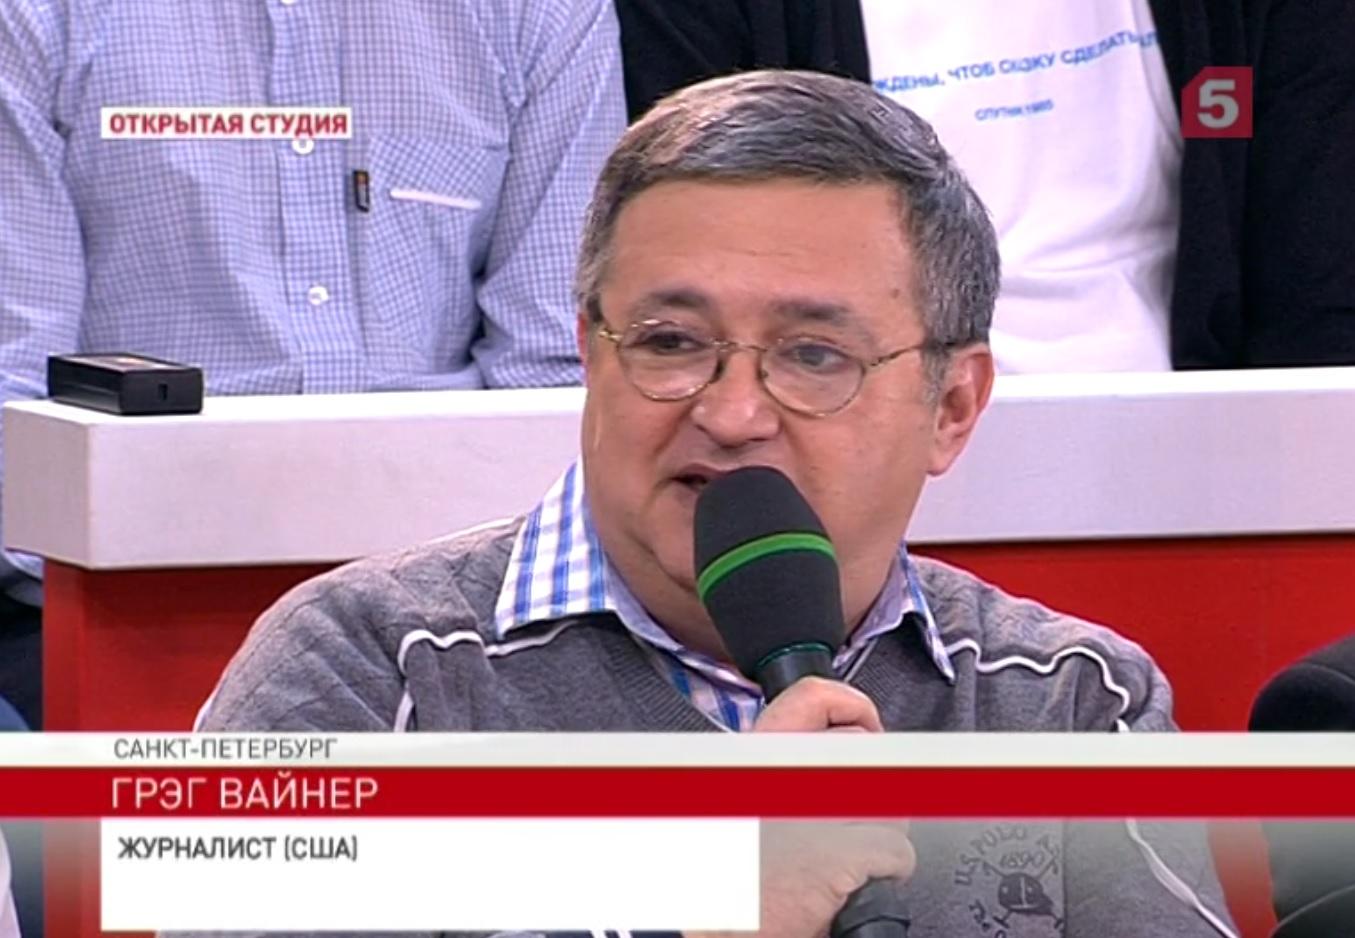 «Первый канал» выдал за репортера изсоедененных штатов петербургского бизнесмена